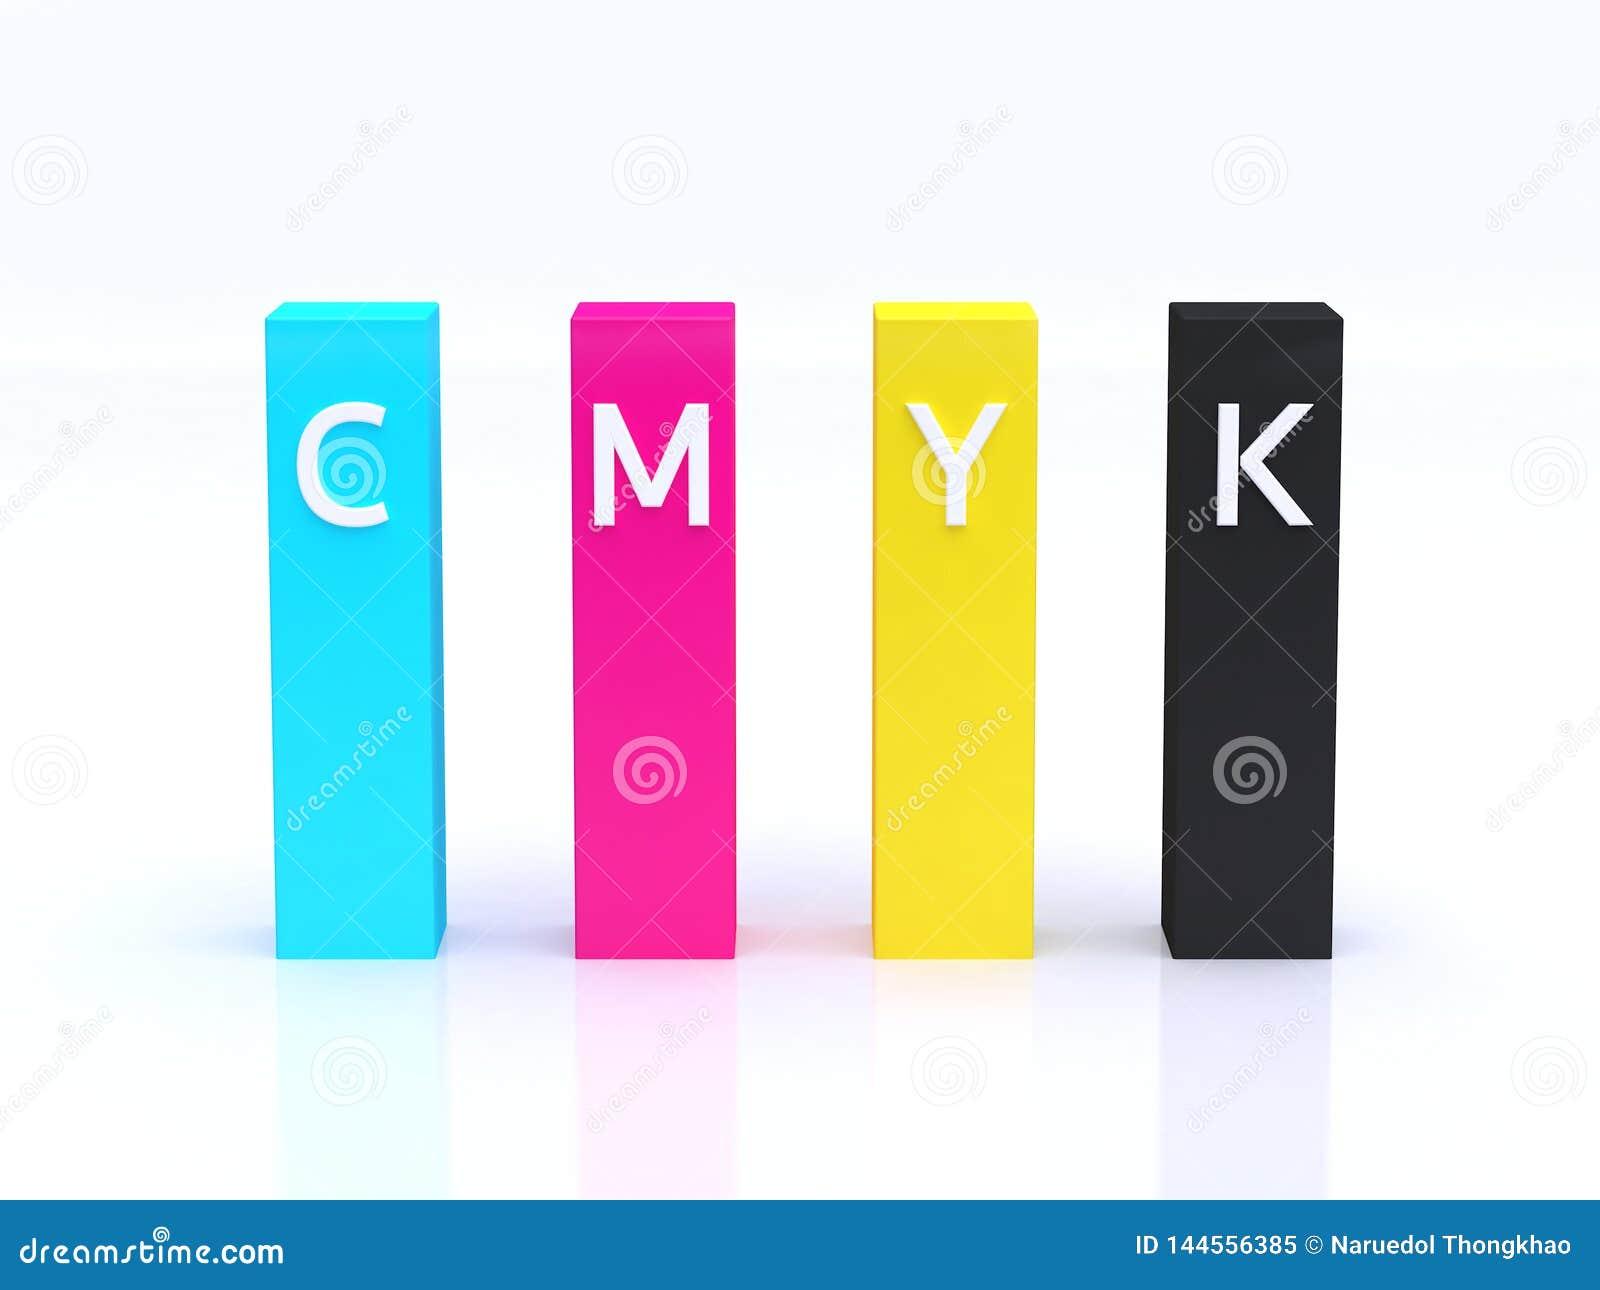 CMYK koloru wykresu zapowiedzi cyan magenta żółtego czarnego podłogowego odbicia tła 3d biały rendering